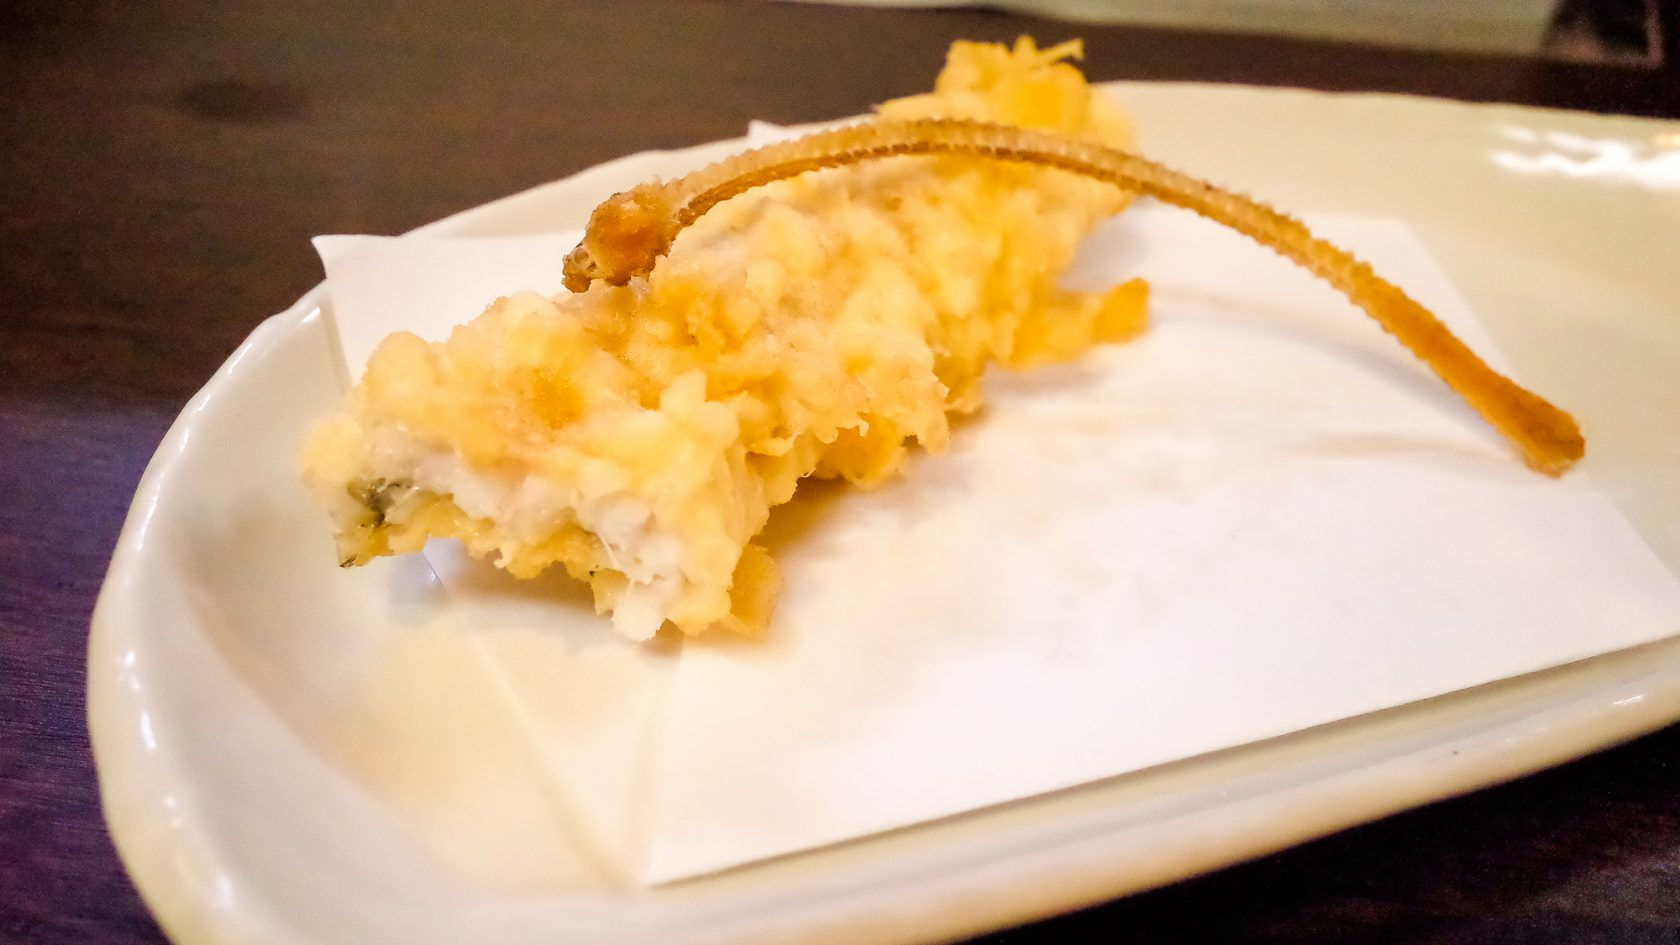 てんぷらとおばんざいいまいの穴子の天ぷら